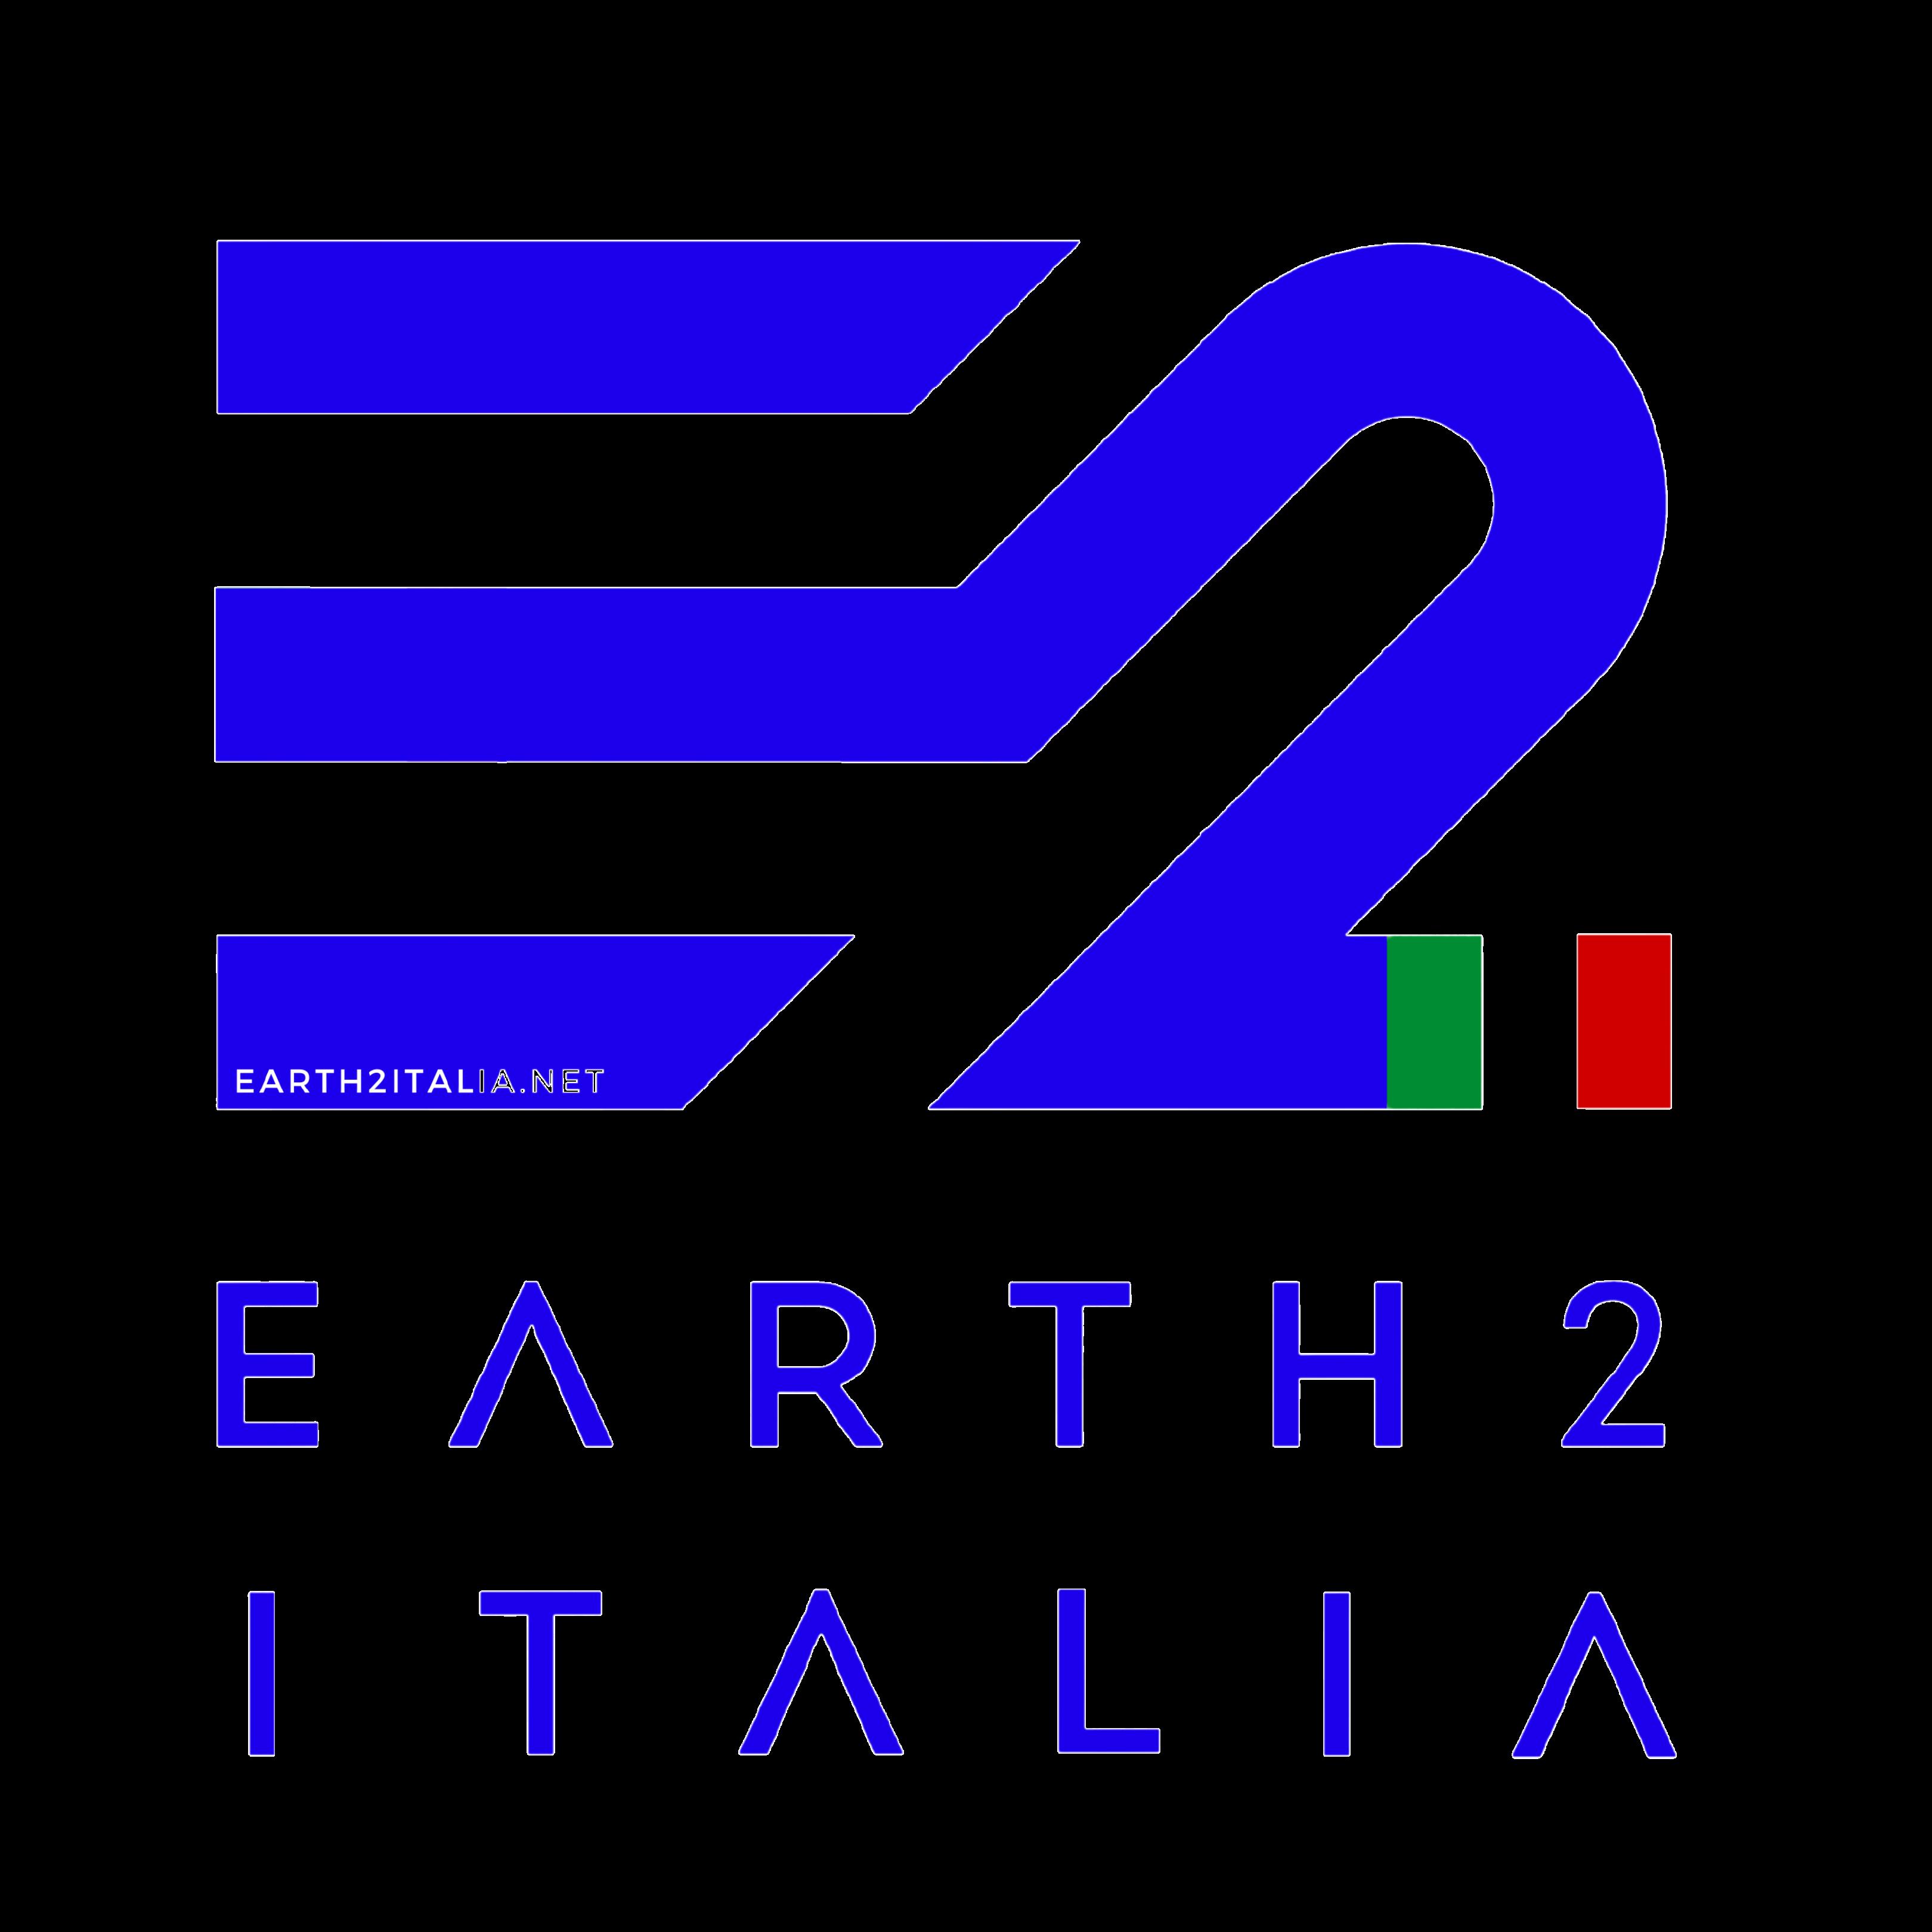 Earth 2 italia -  Earth2italia.net - Earth 2